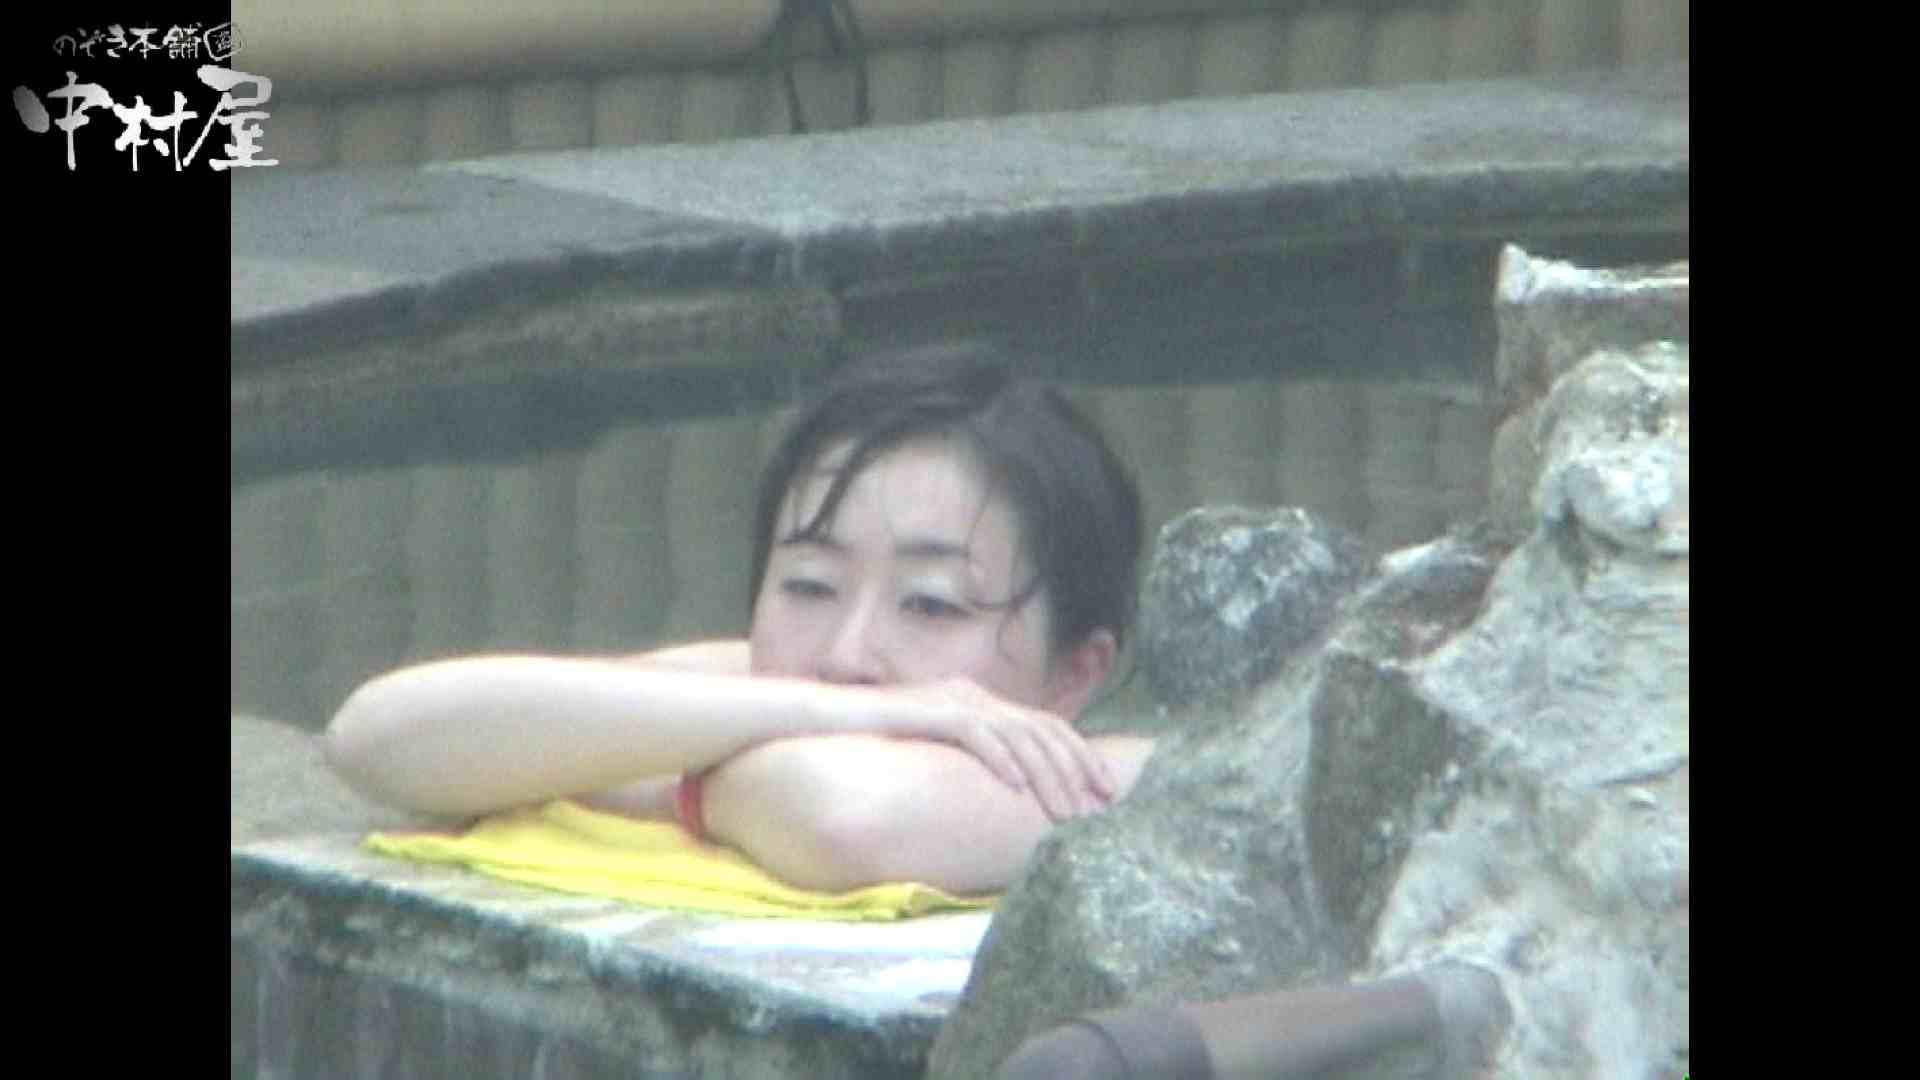 Aquaな露天風呂Vol.957 盗撮シリーズ  110PIX 90